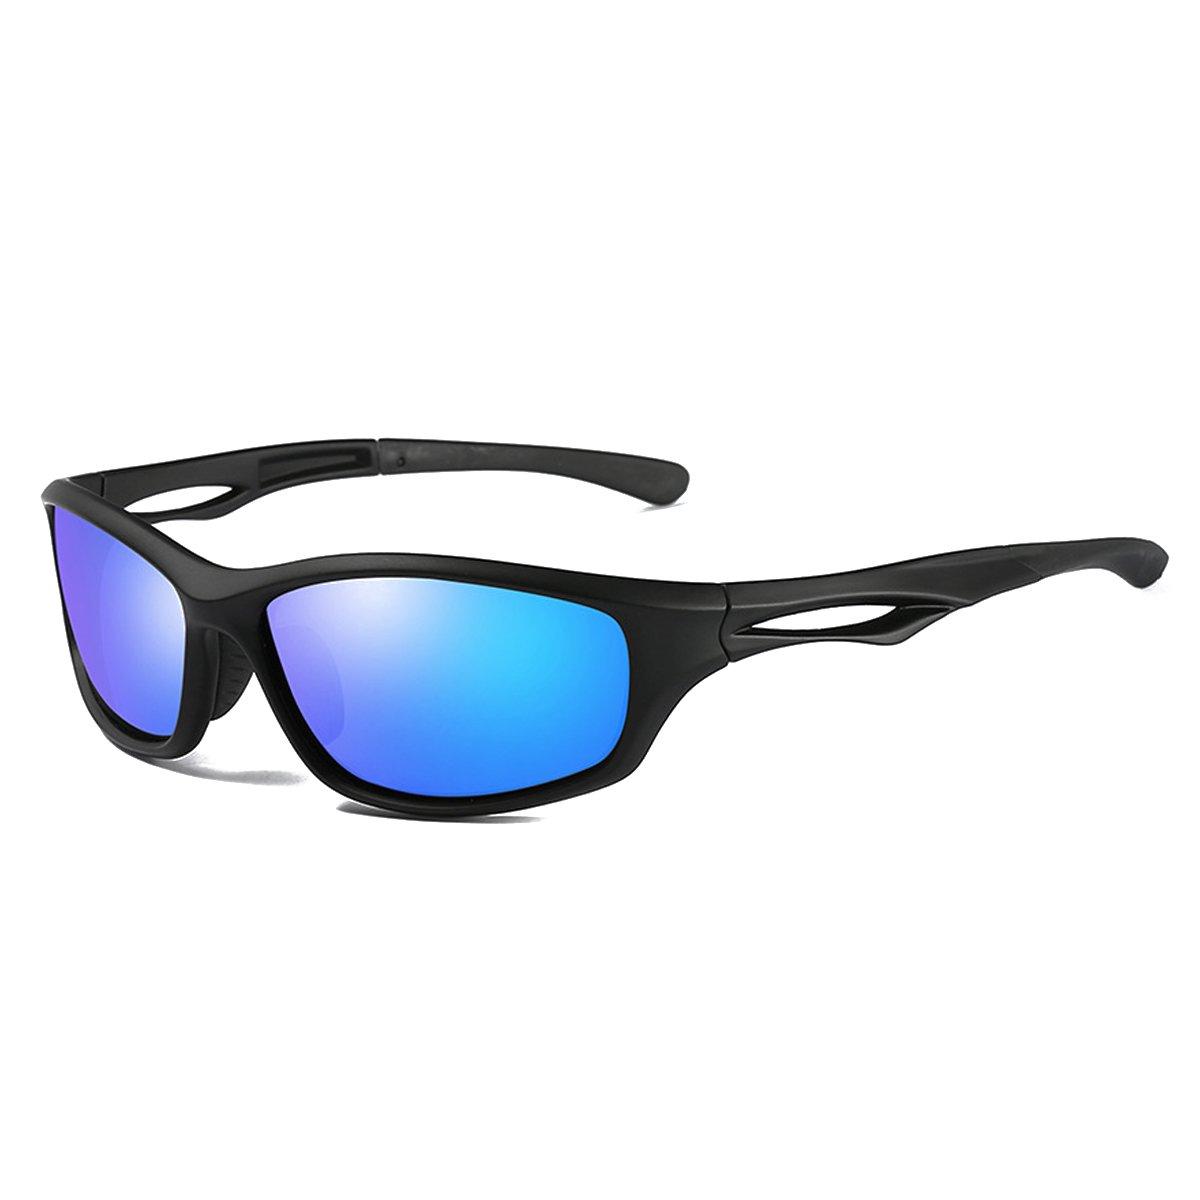 CHEREEKI Lunettes de Soleil Polarisées Sport, Ultra-léger Driving Lunettes  de Soleil UV400 Anti-Réfléchissant Lunettes pour Hommes Femmes Outdoor  Sports Ski ... 4b5bfc73aabb